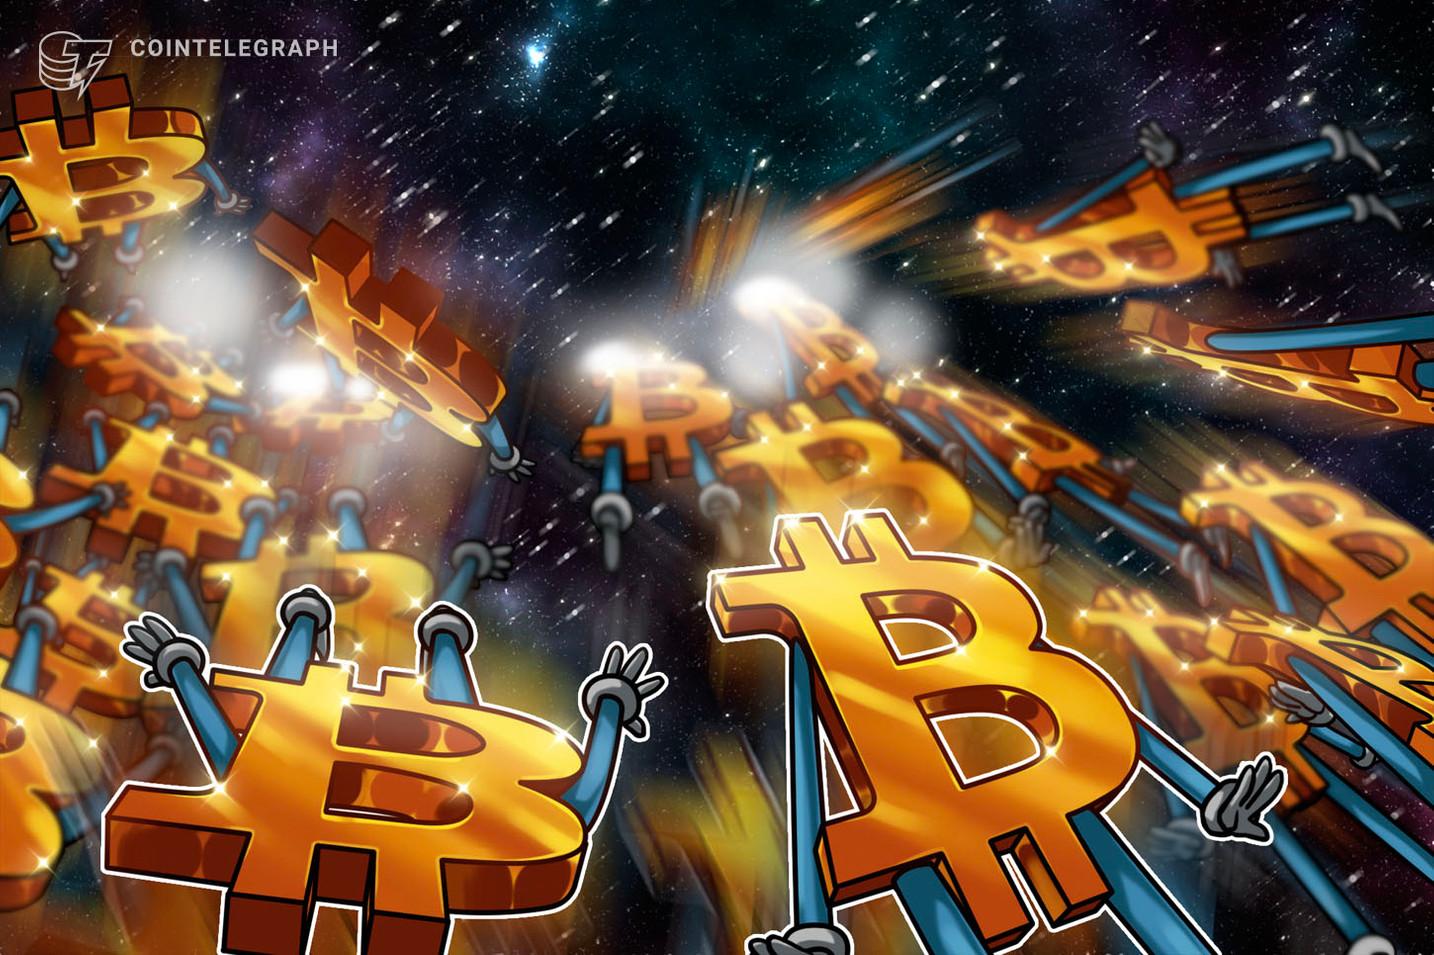 Quatro motivos explicam a recente valorização do preço do Bitcoin, segundo a Binance